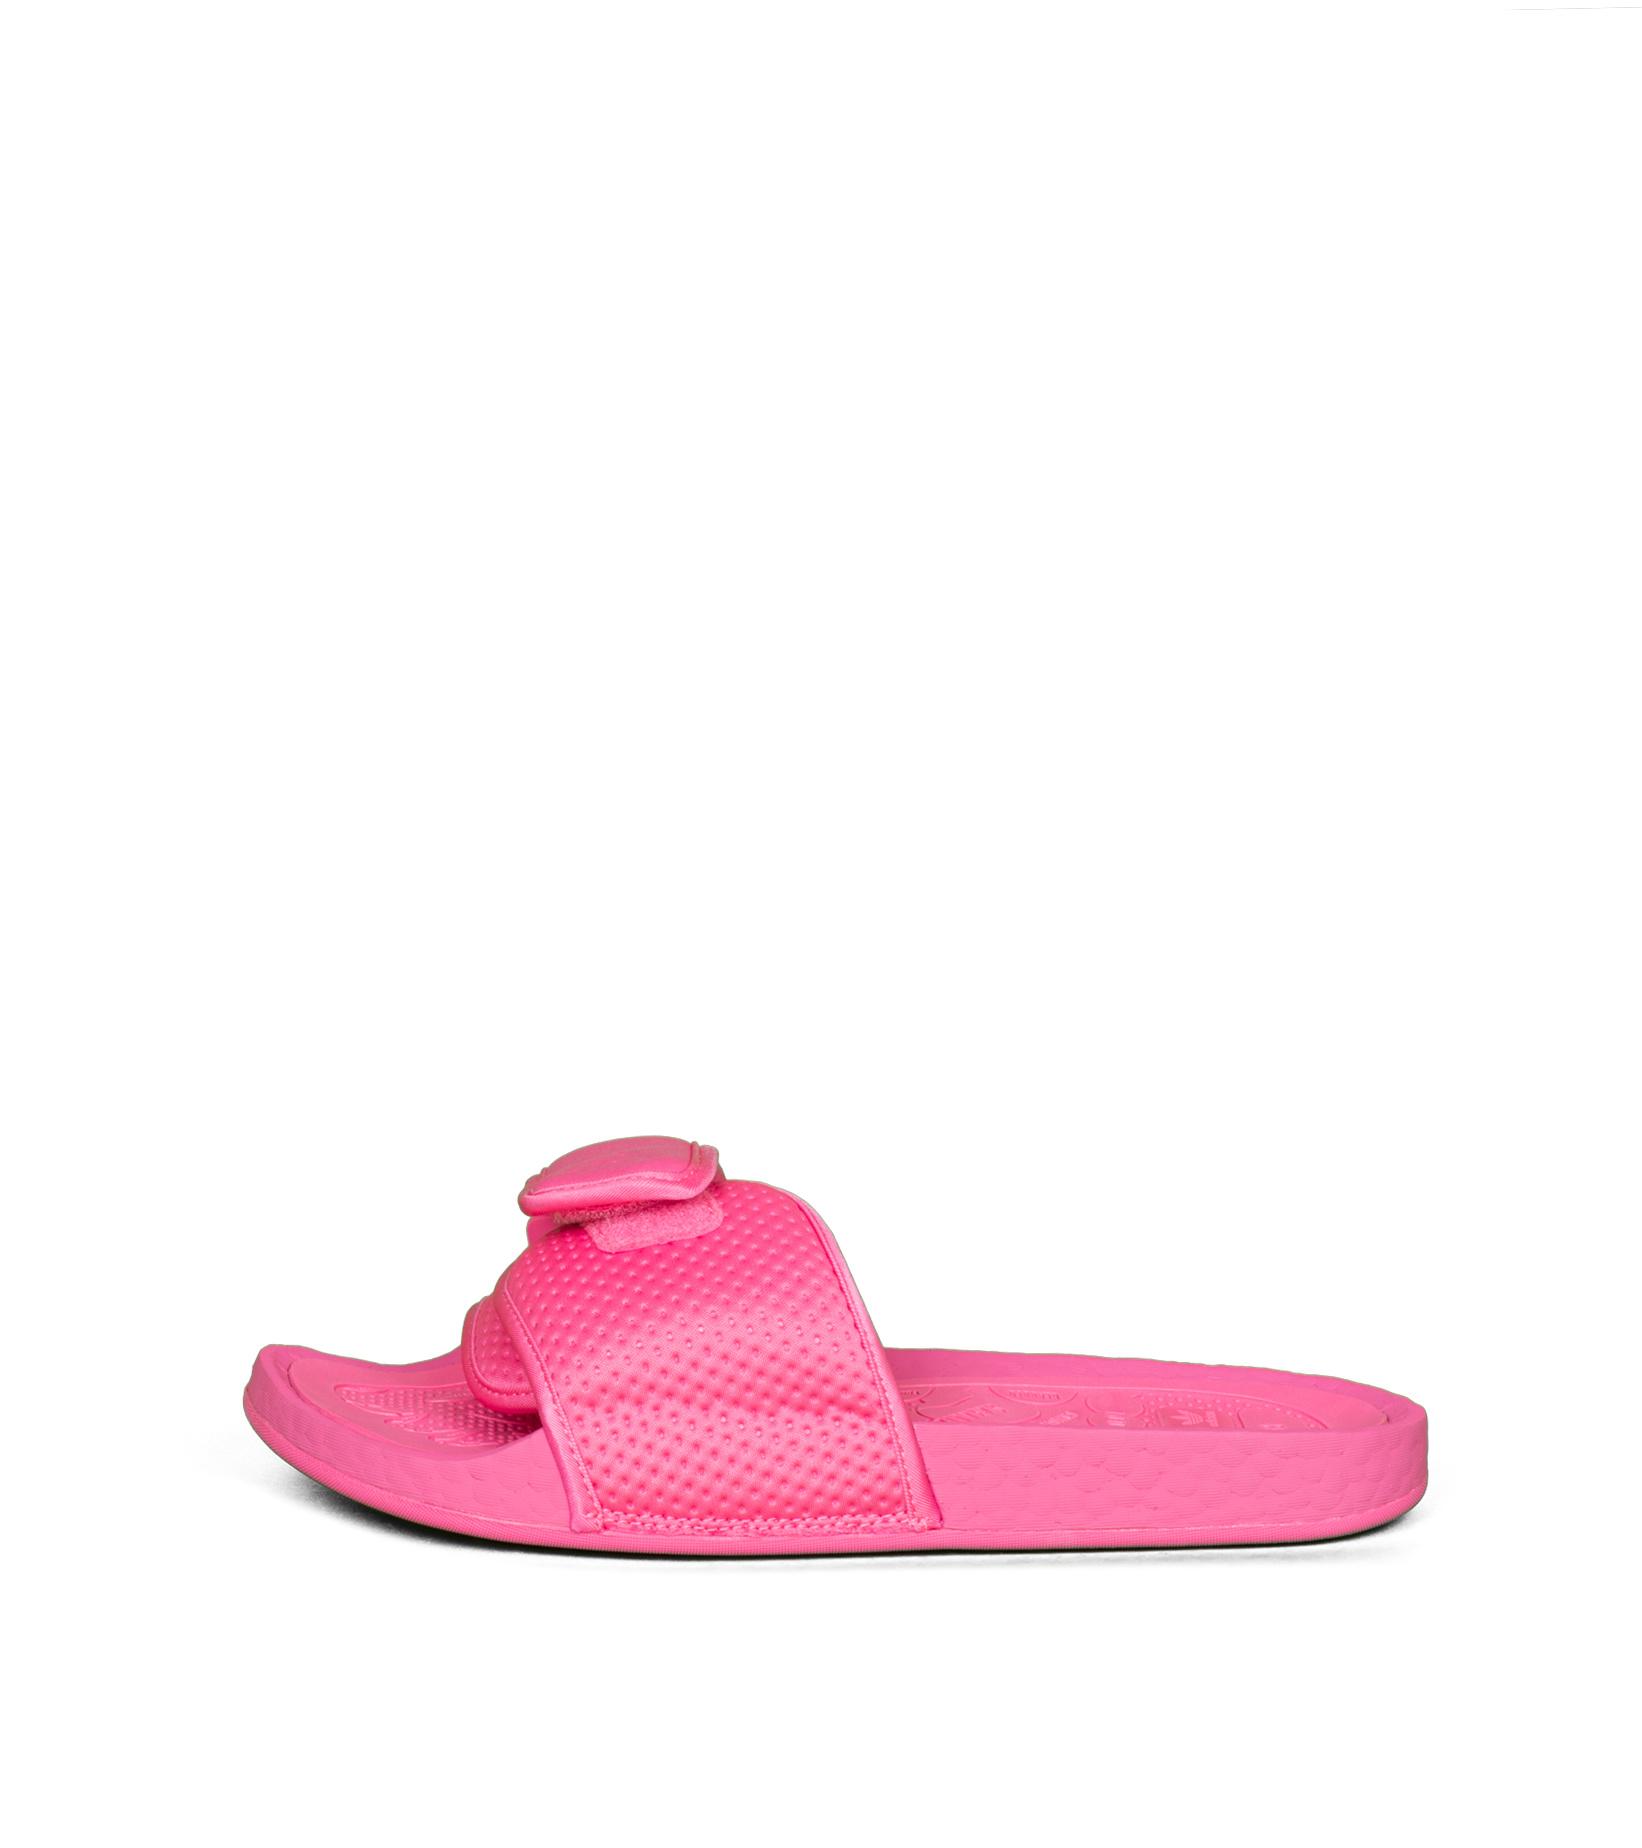 """Pw Boost Slides """"Semi Solar Pink""""-3"""